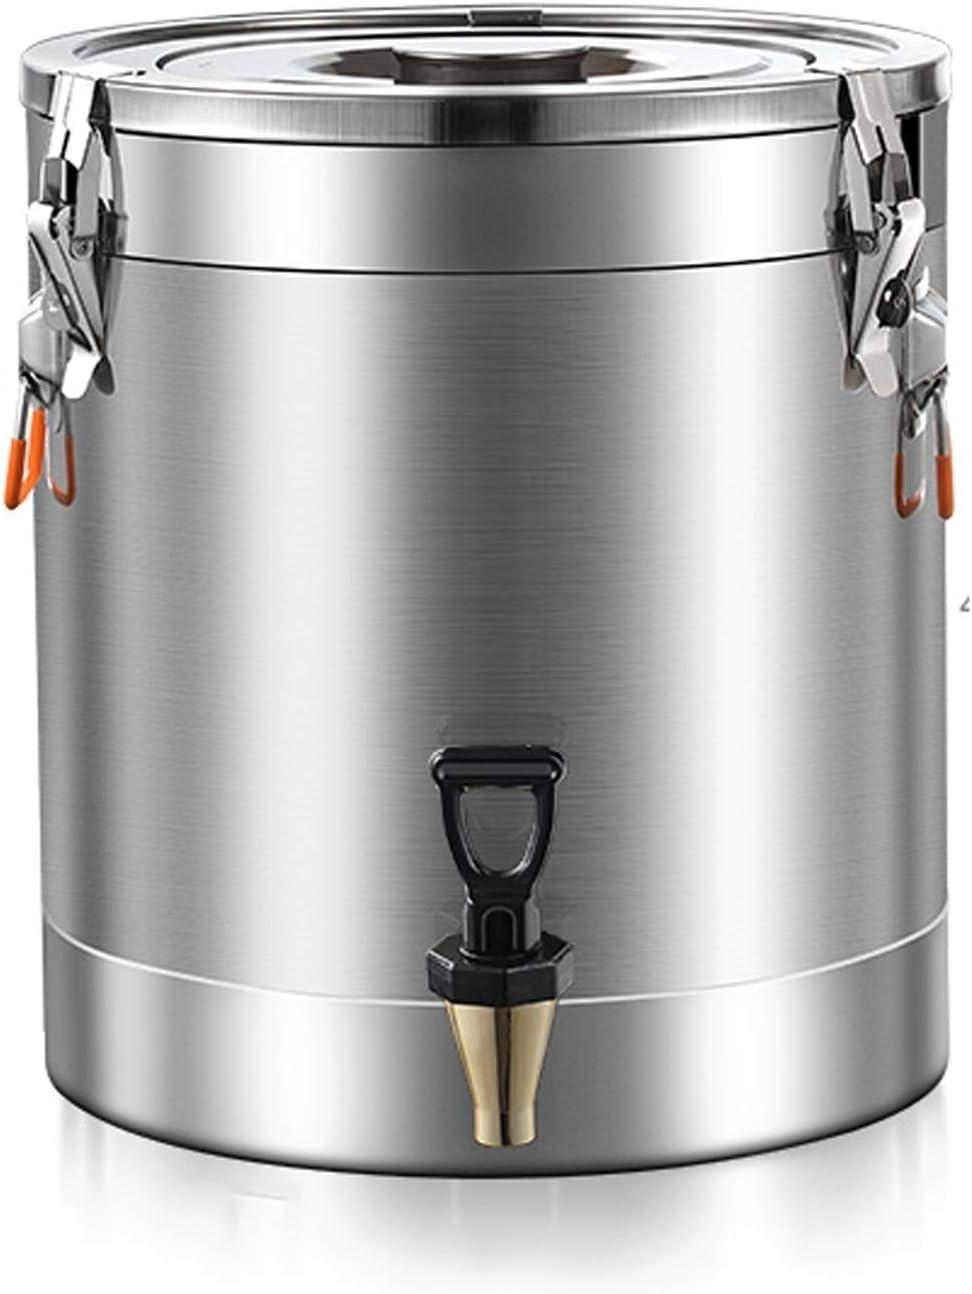 Barril de Acero Inoxidable 304 con Tapa sellada Fuerte y válvula Latas de Transporte de Leche para el Tambor de elaboración de Cerveza de Vino casero (20L - 60L) (tamaño : 60L)